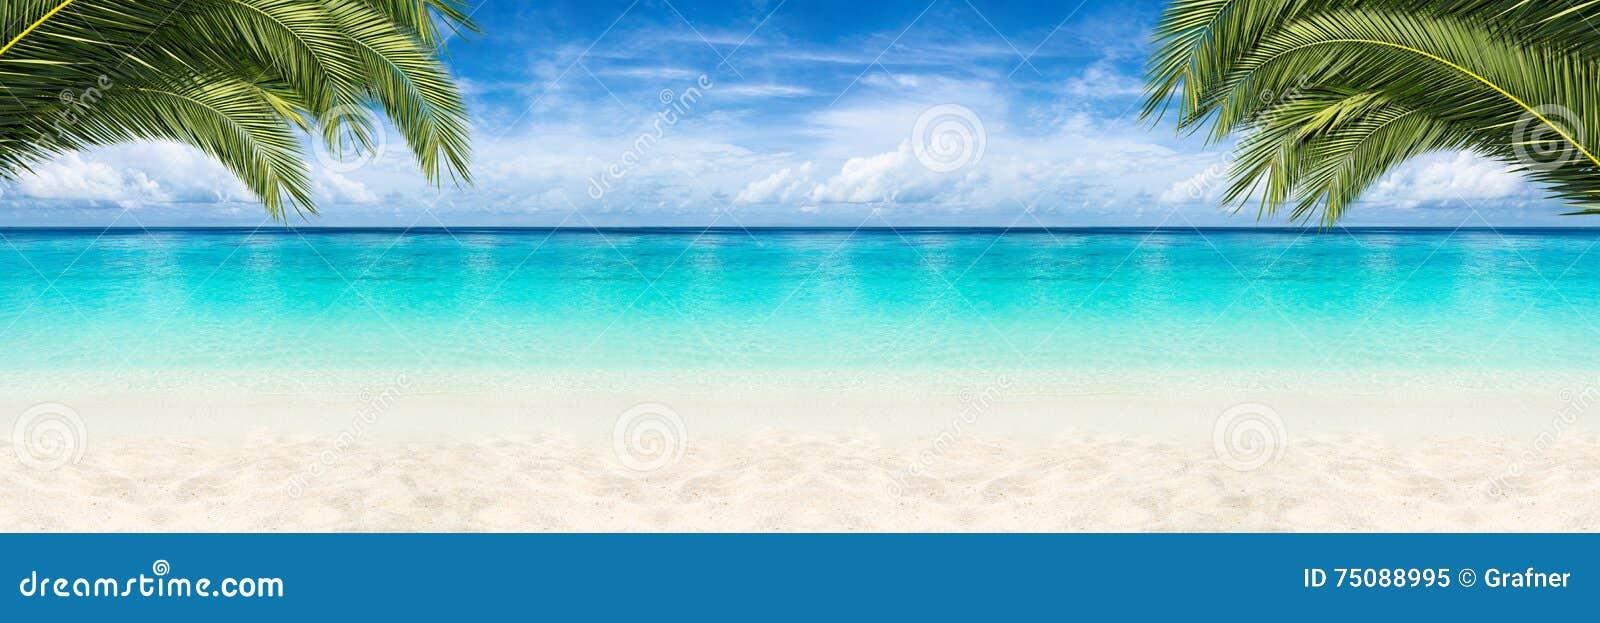 Fundo da praia do paraíso